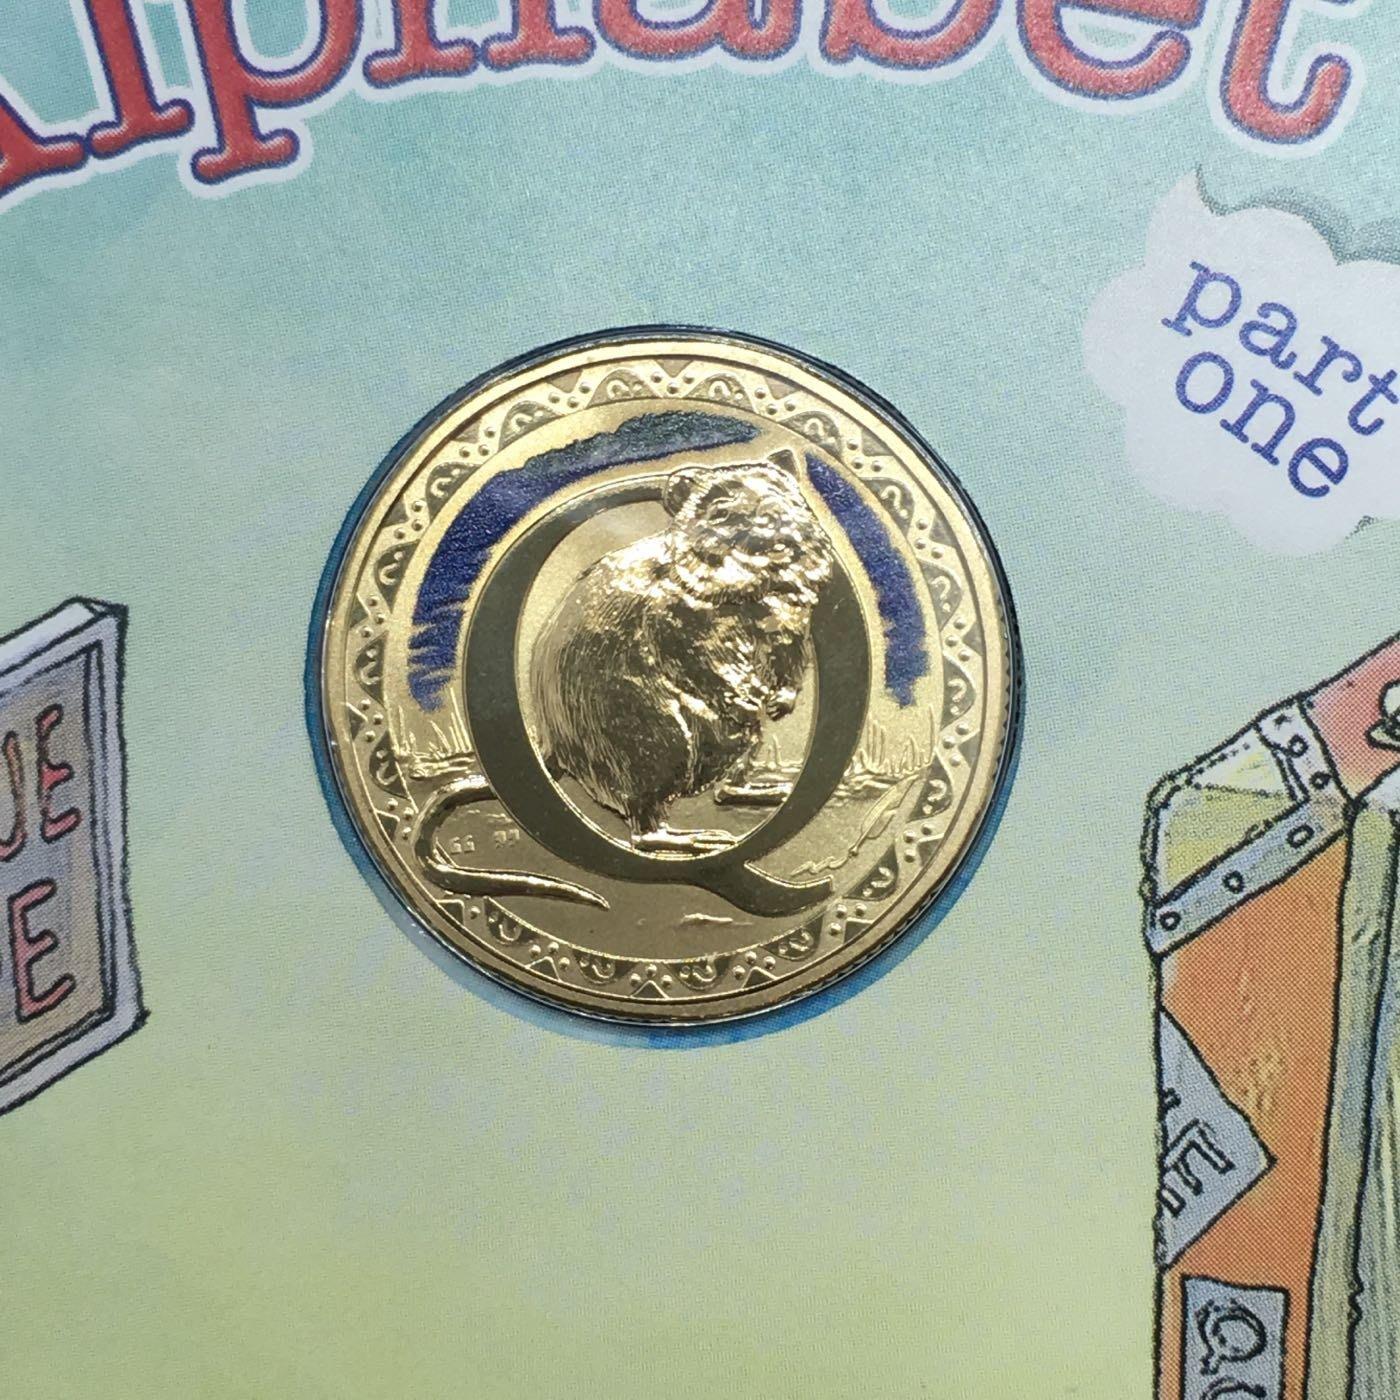 澳洲 2016年 短尾矮袋鼠 限量7500套郵幣 彩色硬幣 PNC / Q字母 Quokka / 紀念套幣 微笑袋鼠 動物 硬幣 錢幣 卡幣 澳大利亞